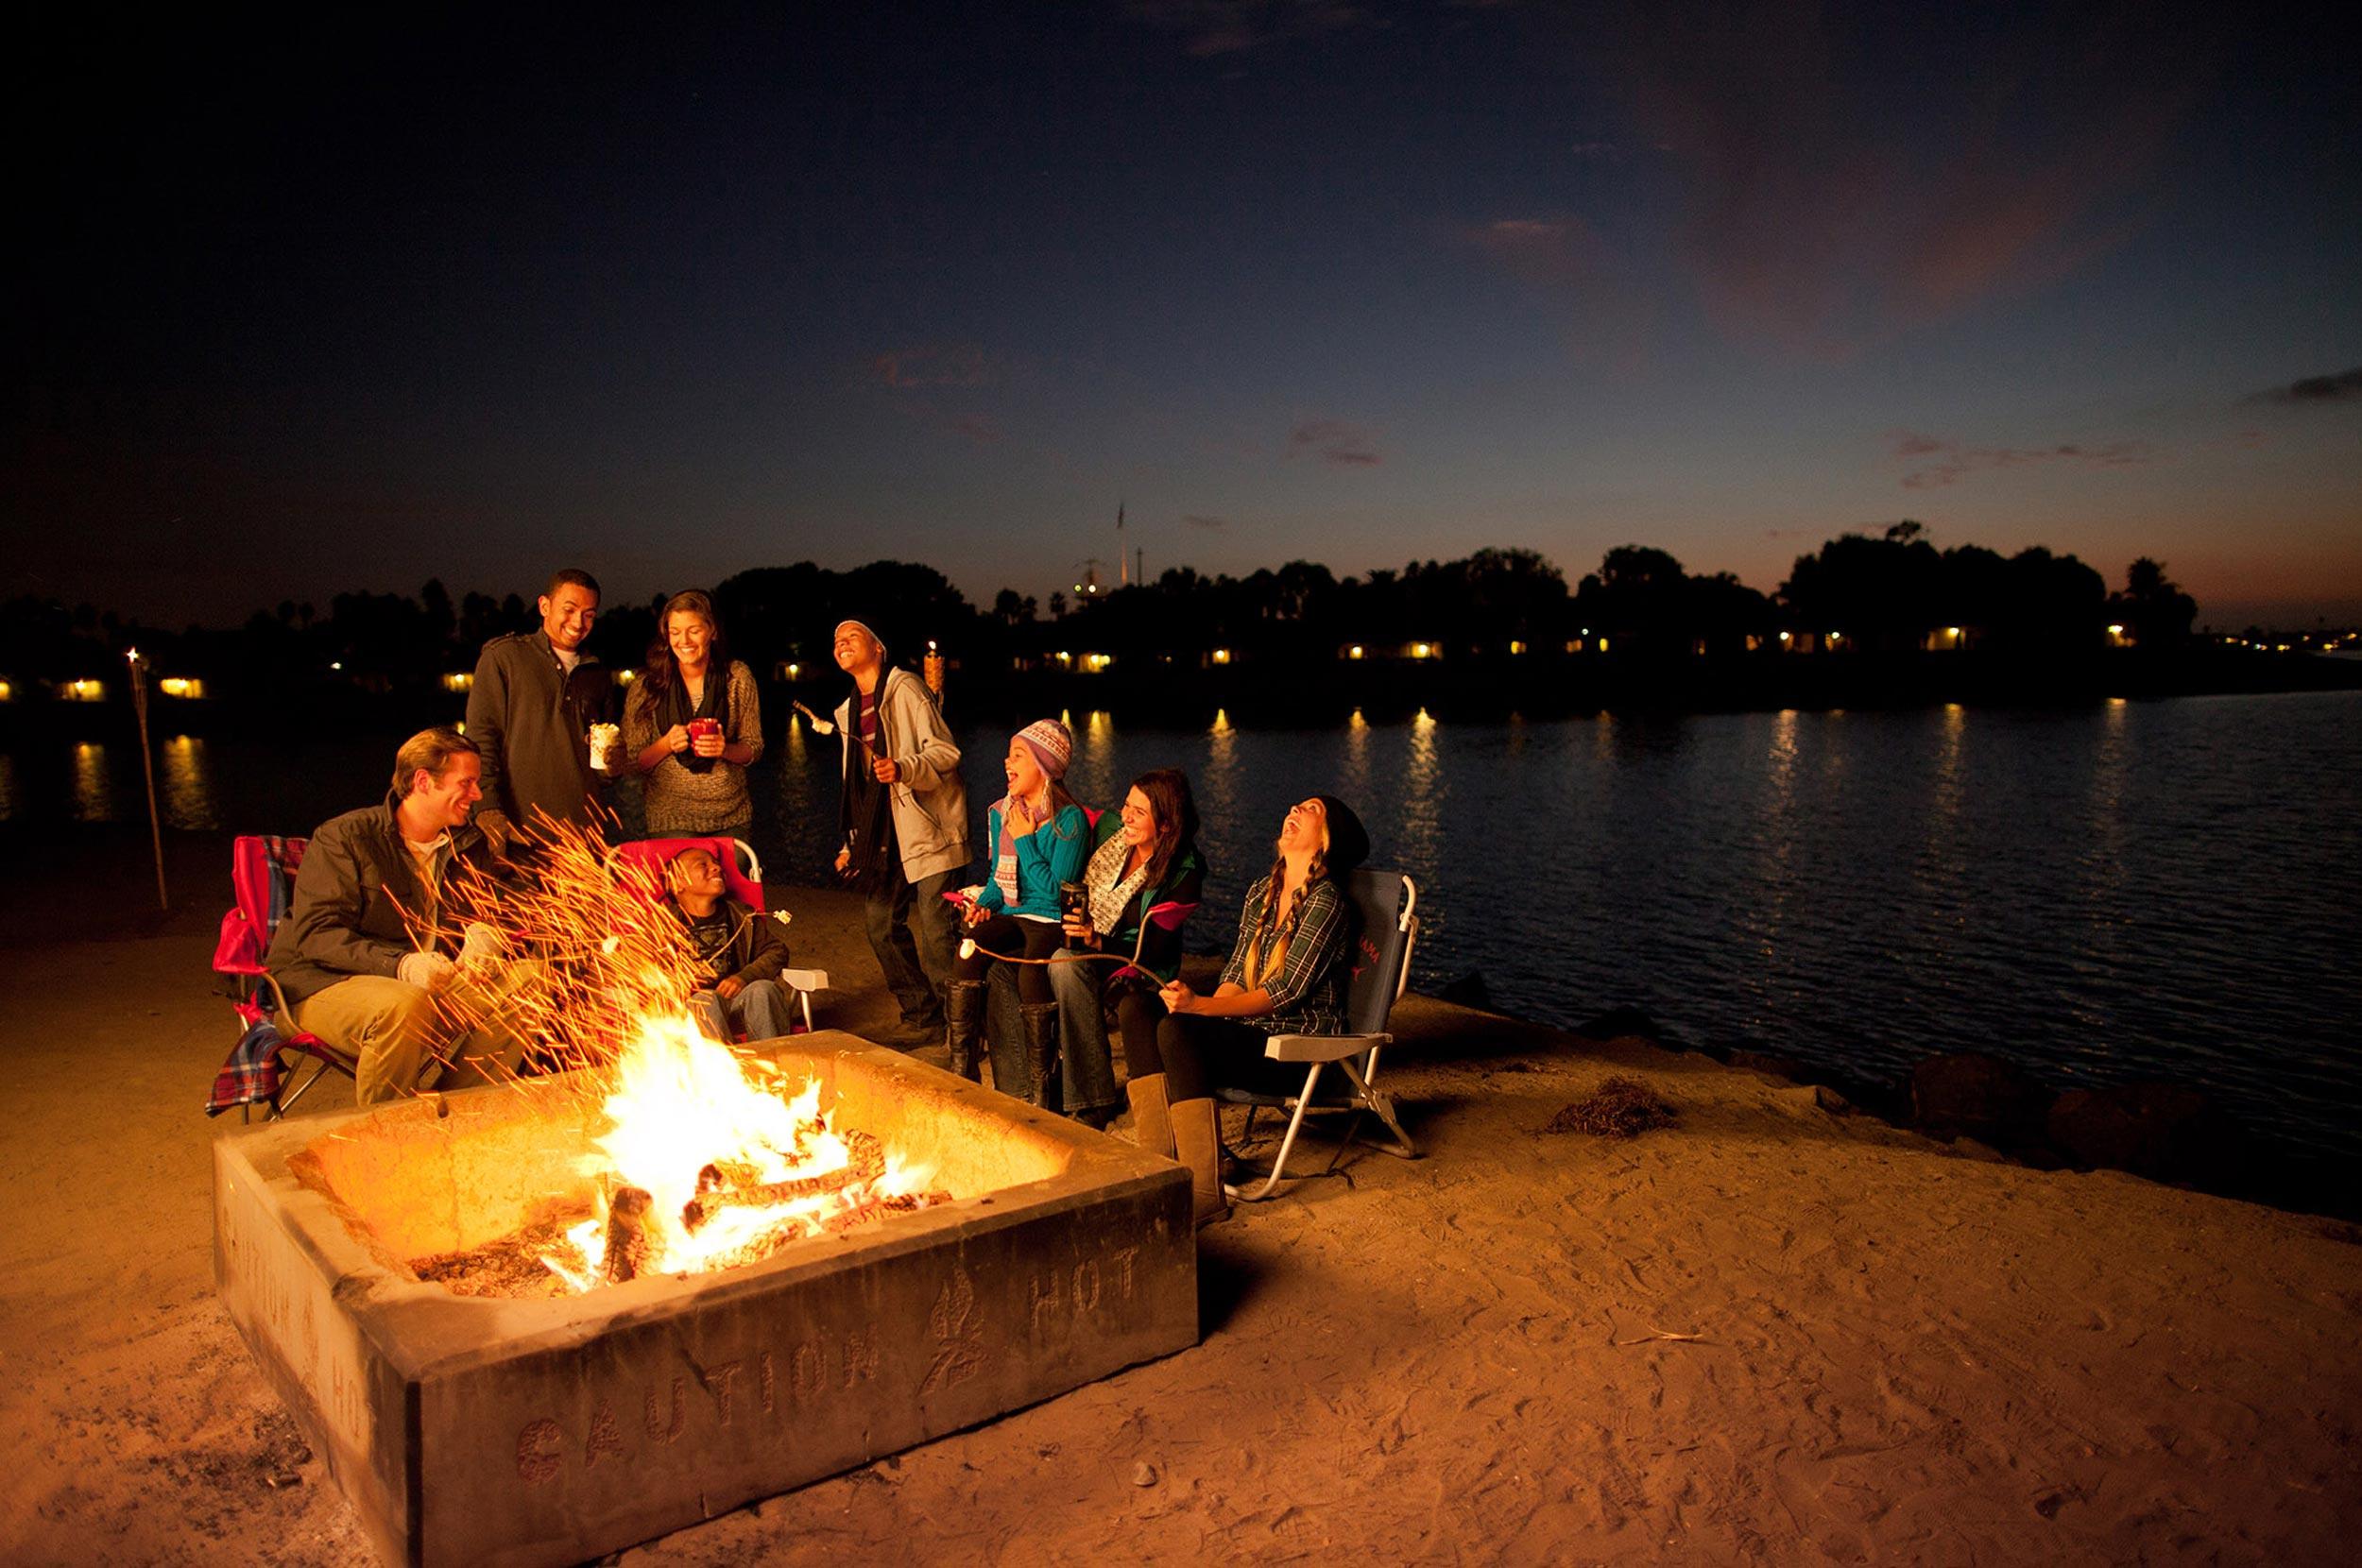 Friendship Quotes About Bonfires Quotesgram